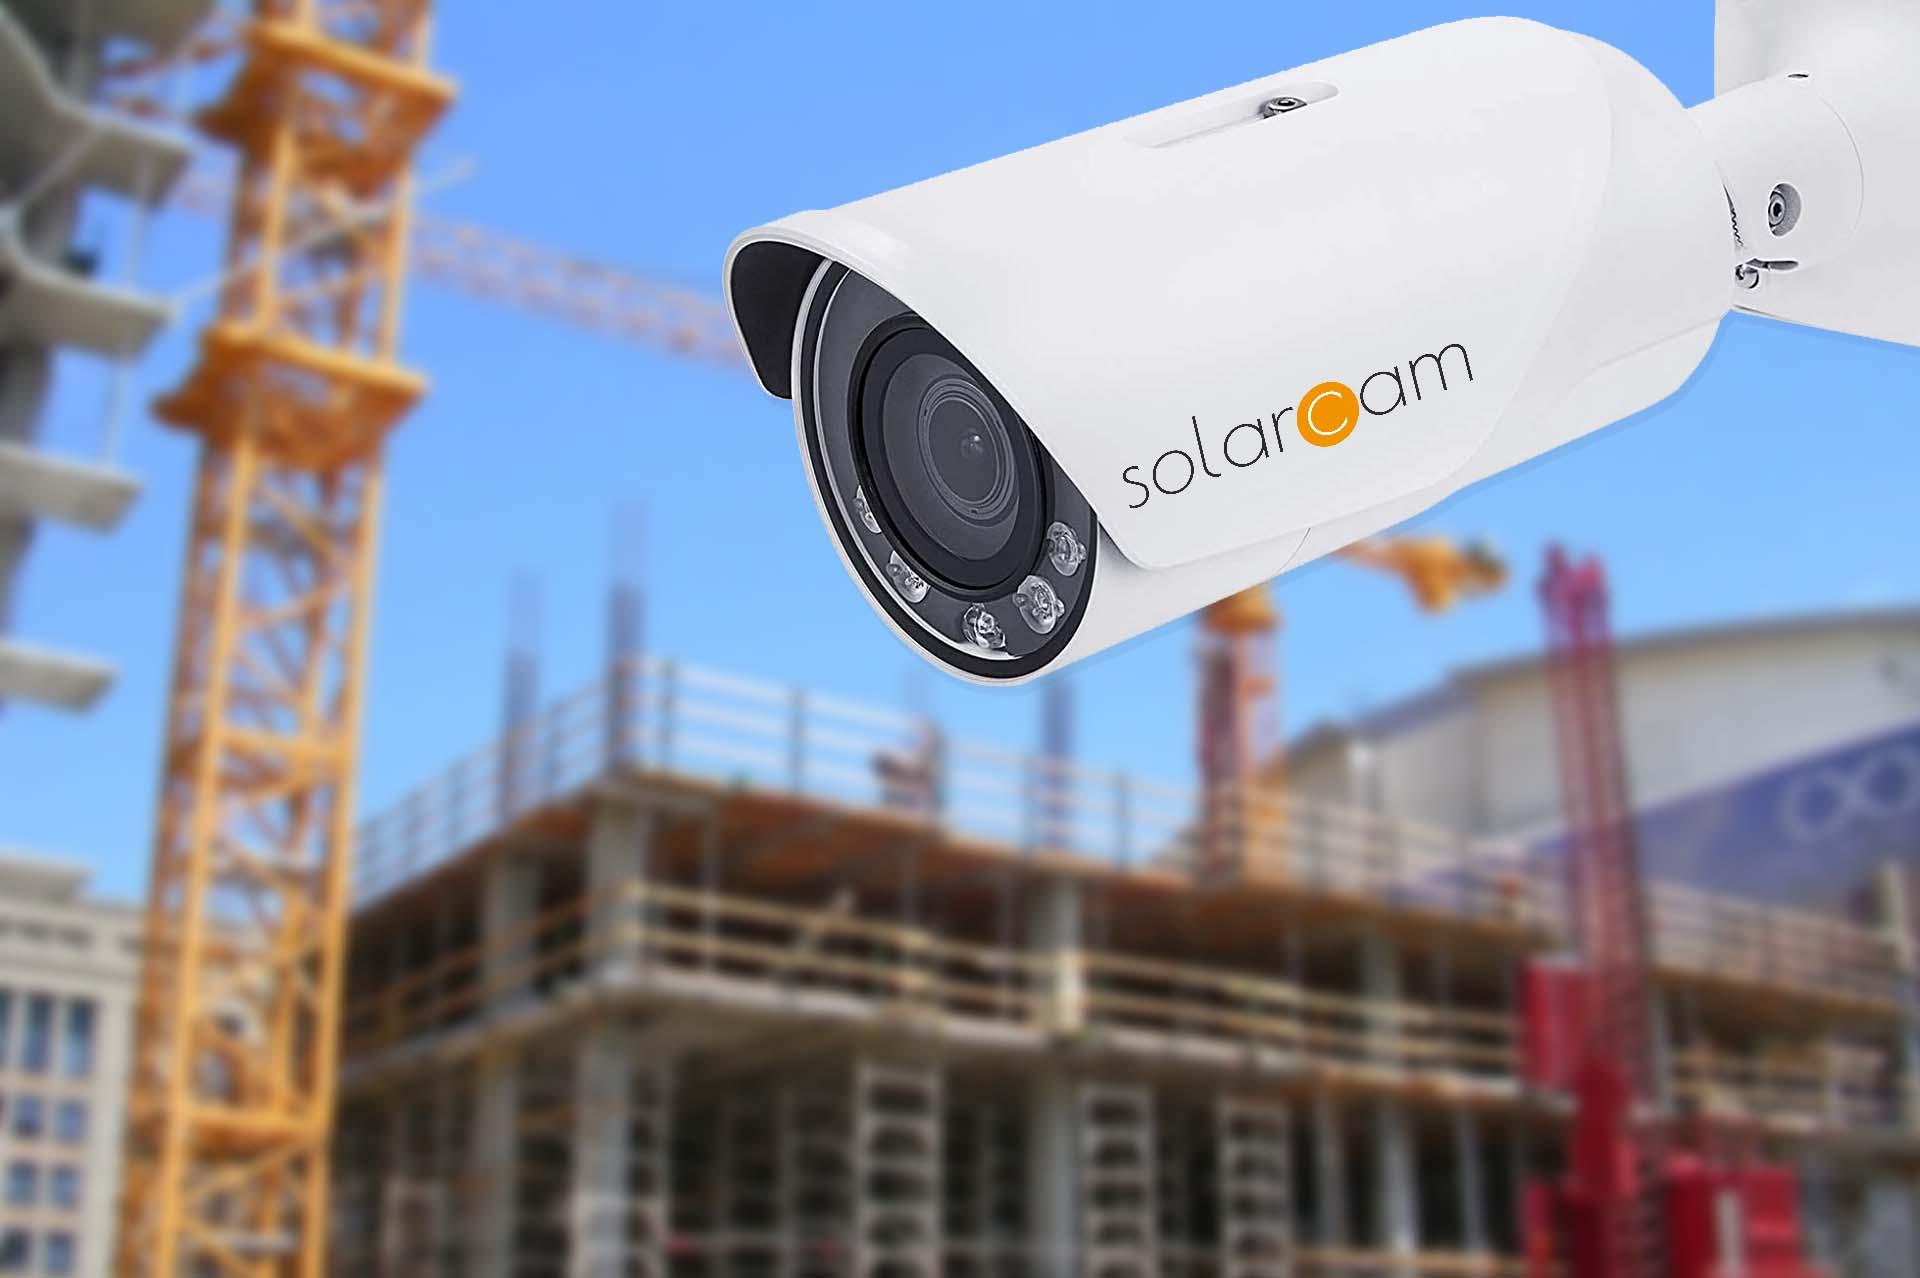 solarcam la telecamera per timelapse a pannello solare